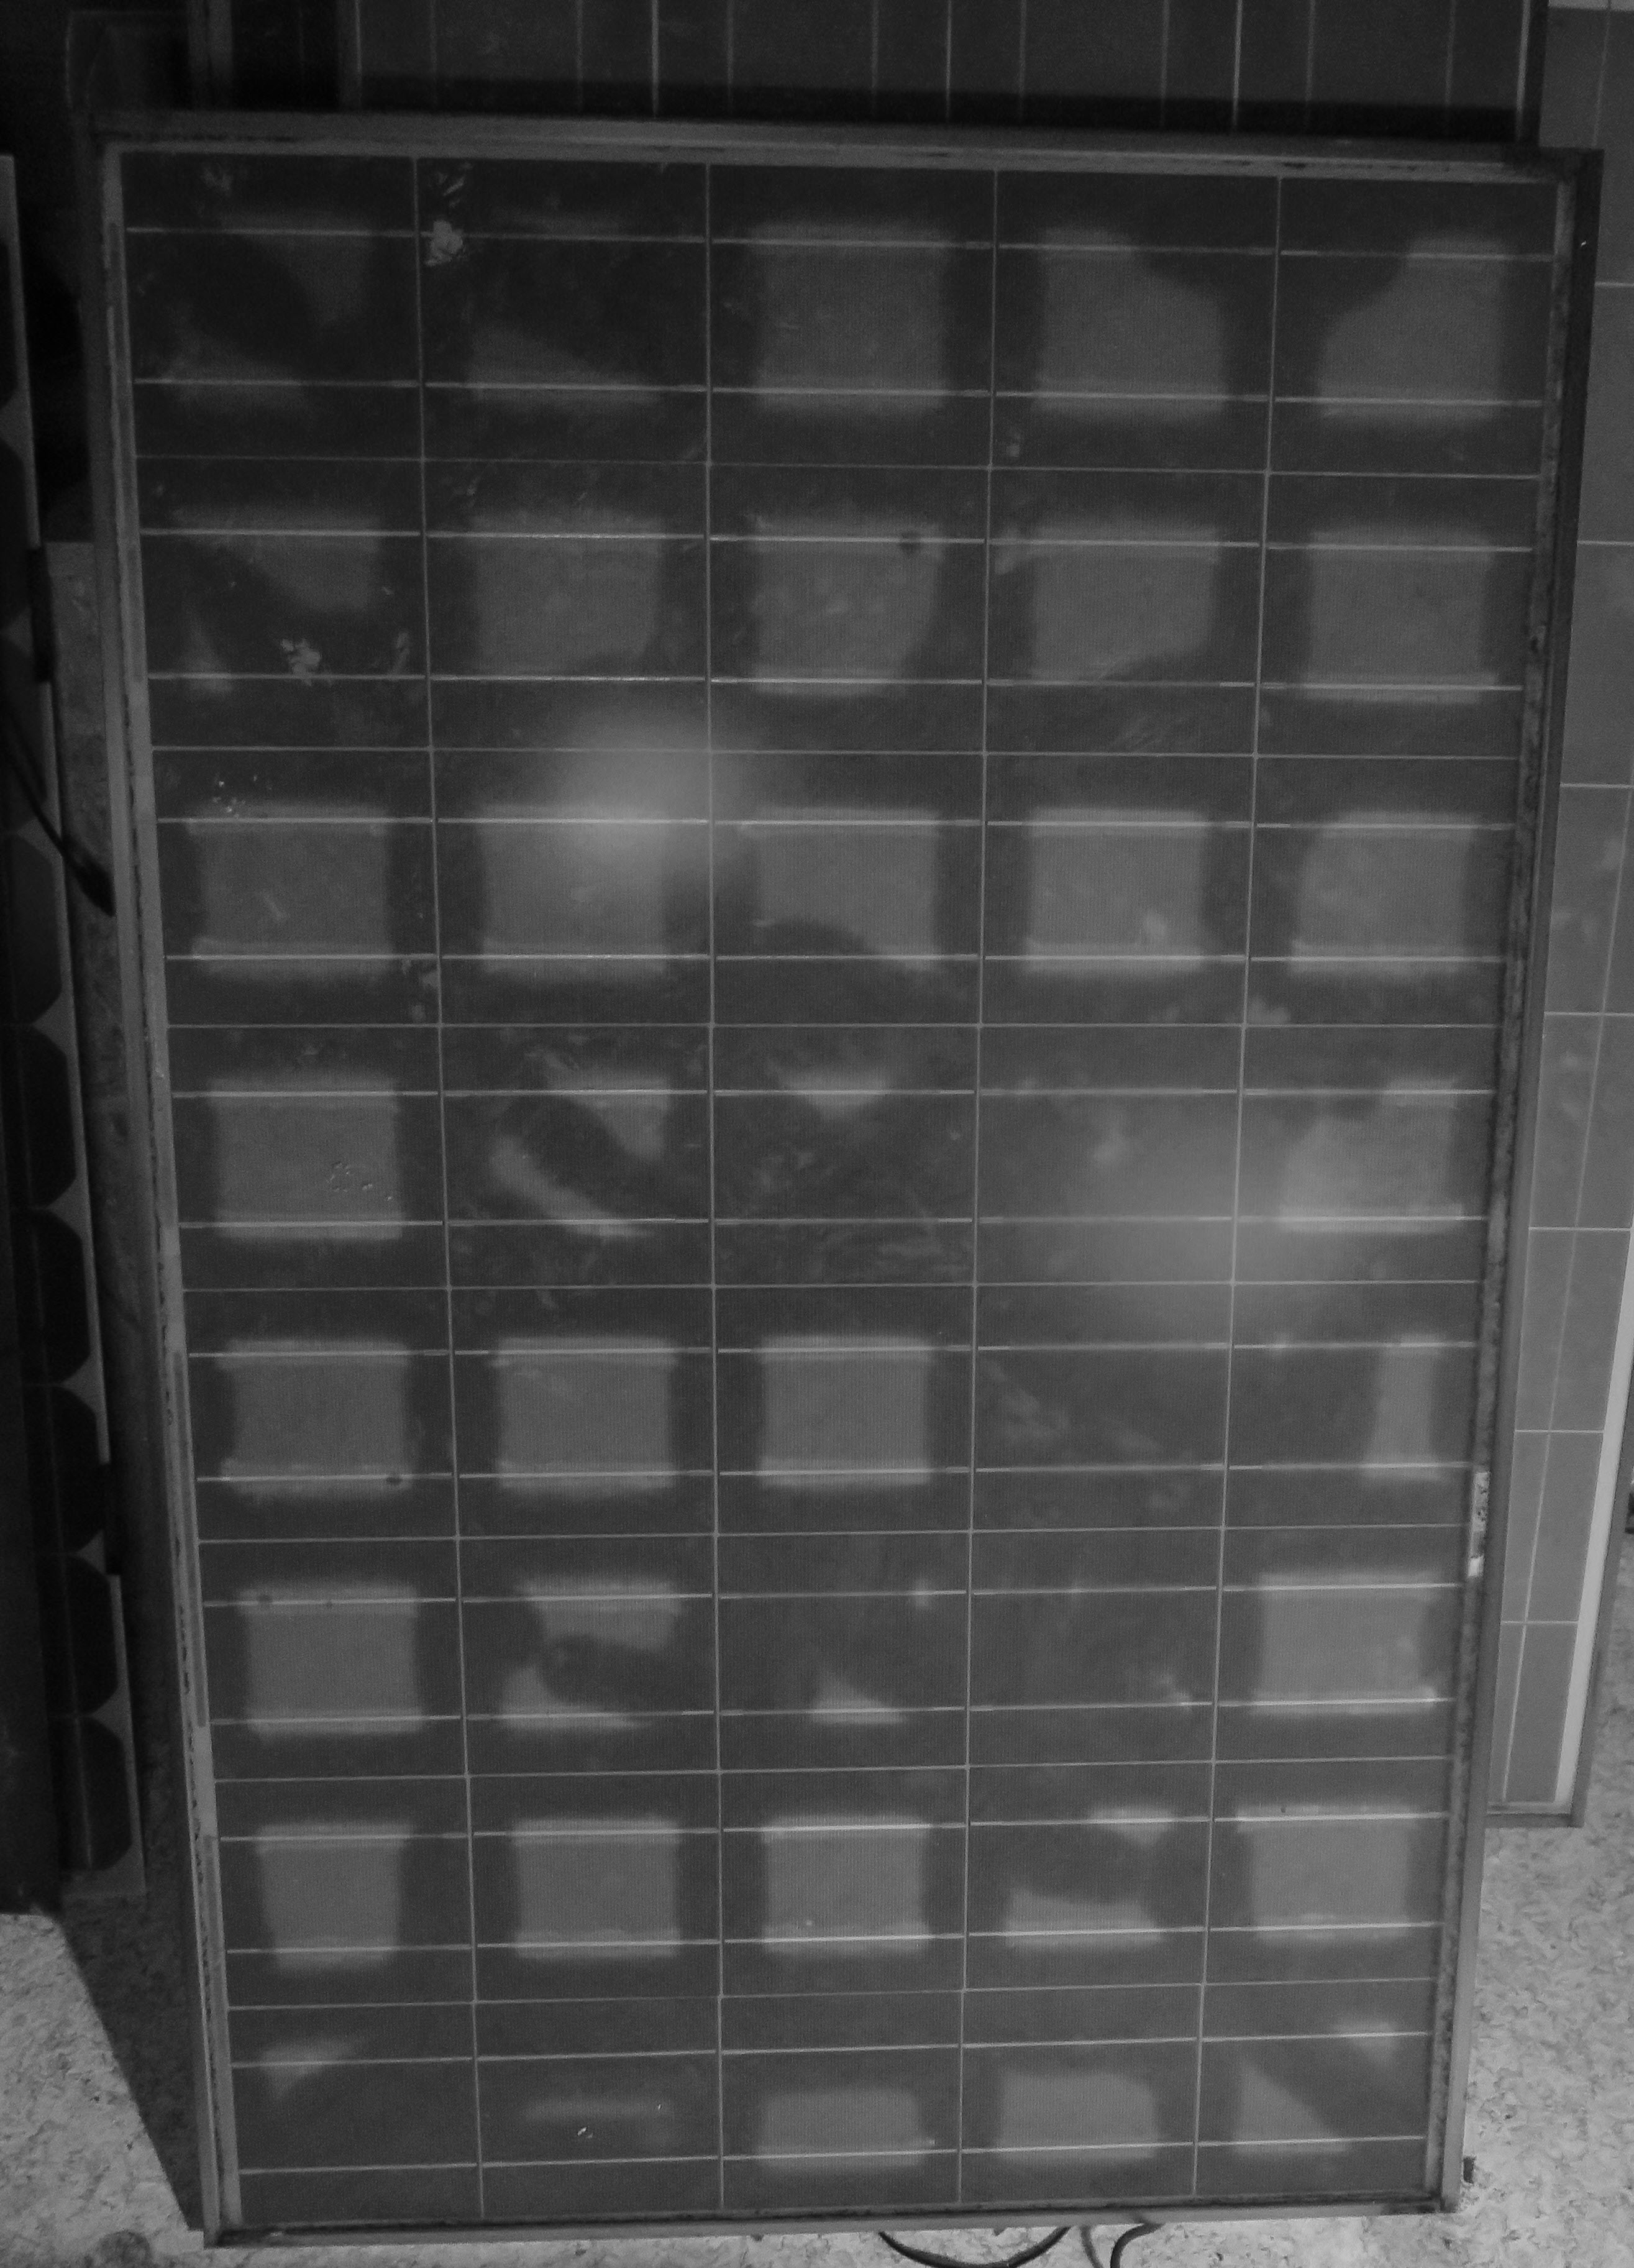 UV Floureszenz an Solarmodul mit mehreren Mikrorissen in den Solarzellen.